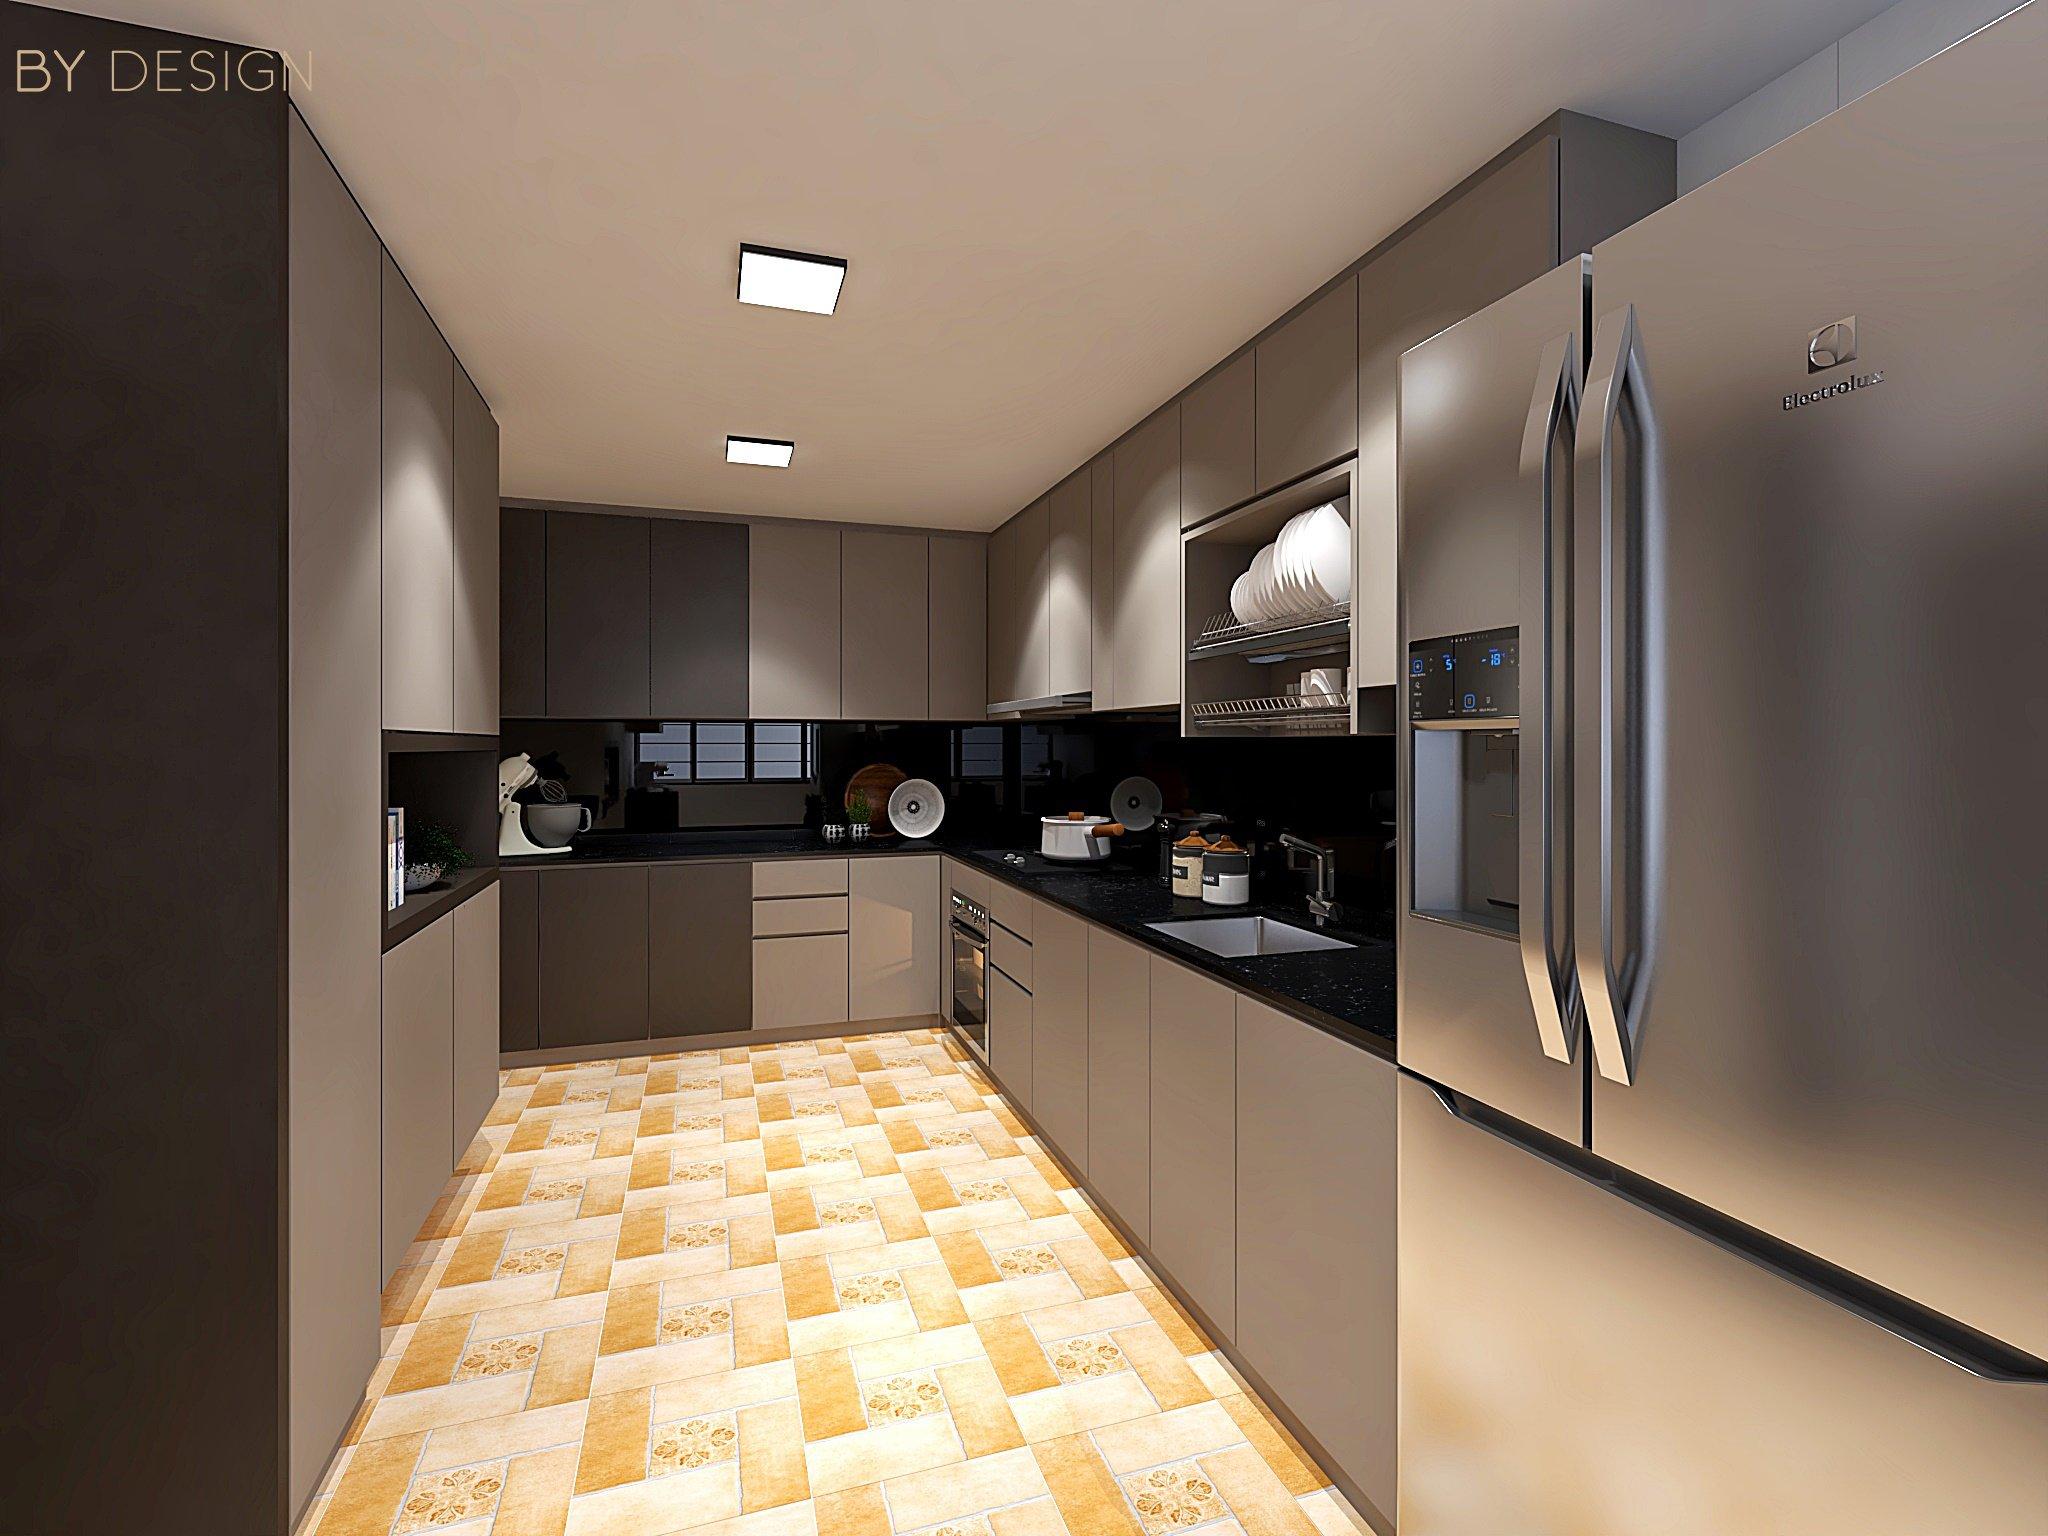 By Design - 179 Woodlands Render